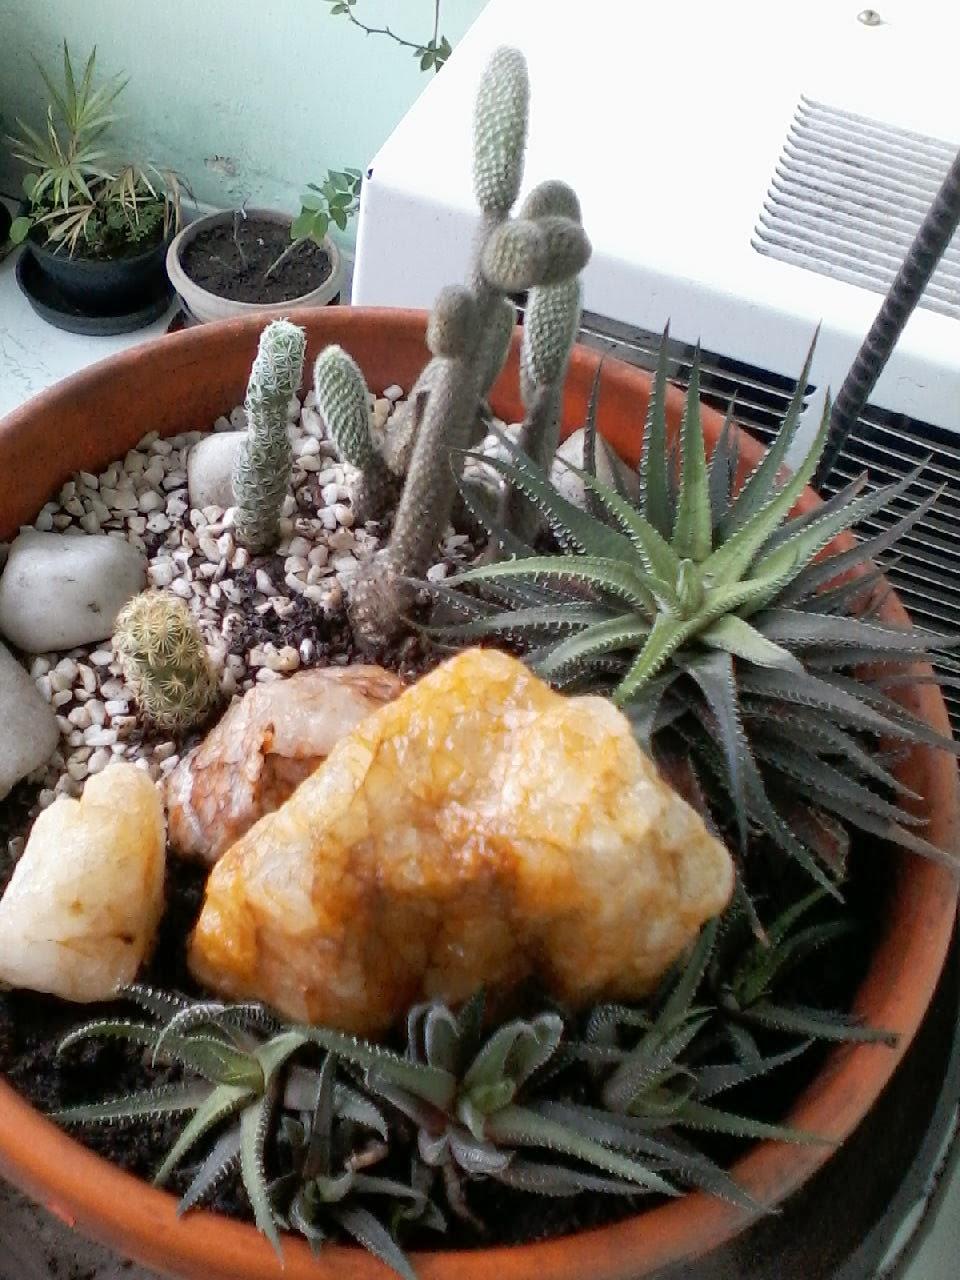 mini jardim cactos suculentas : mini jardim cactos suculentas:CICLICCA: Mini jardim de cactos e suculentas